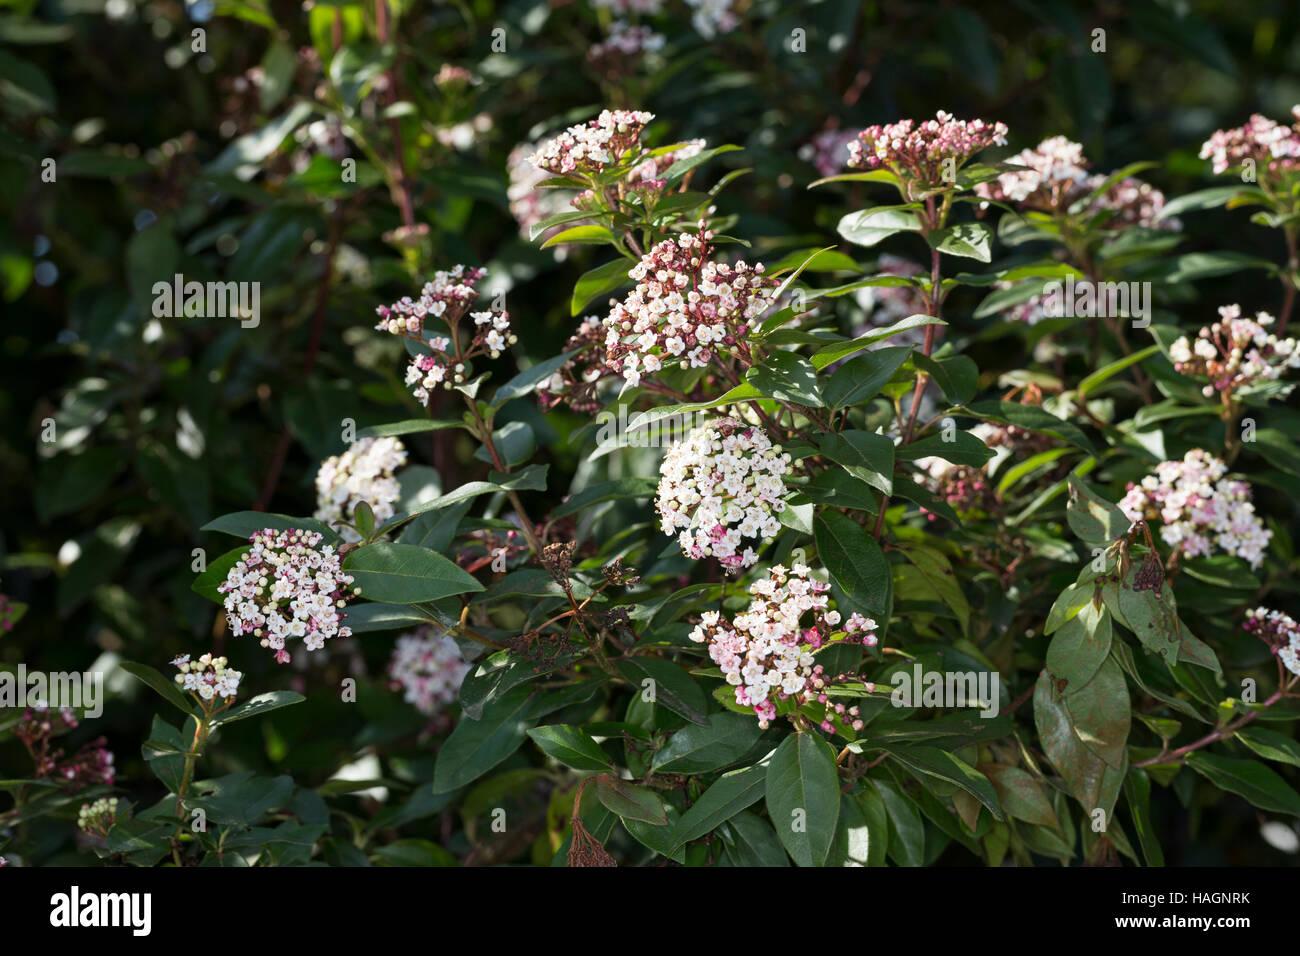 Immergrüner Schneeball, Lorbeerblättriger Schneeball, Lorbeerschneeball, Lorbeer-Schneeball, Lorbeer-Blättriger - Stock Image